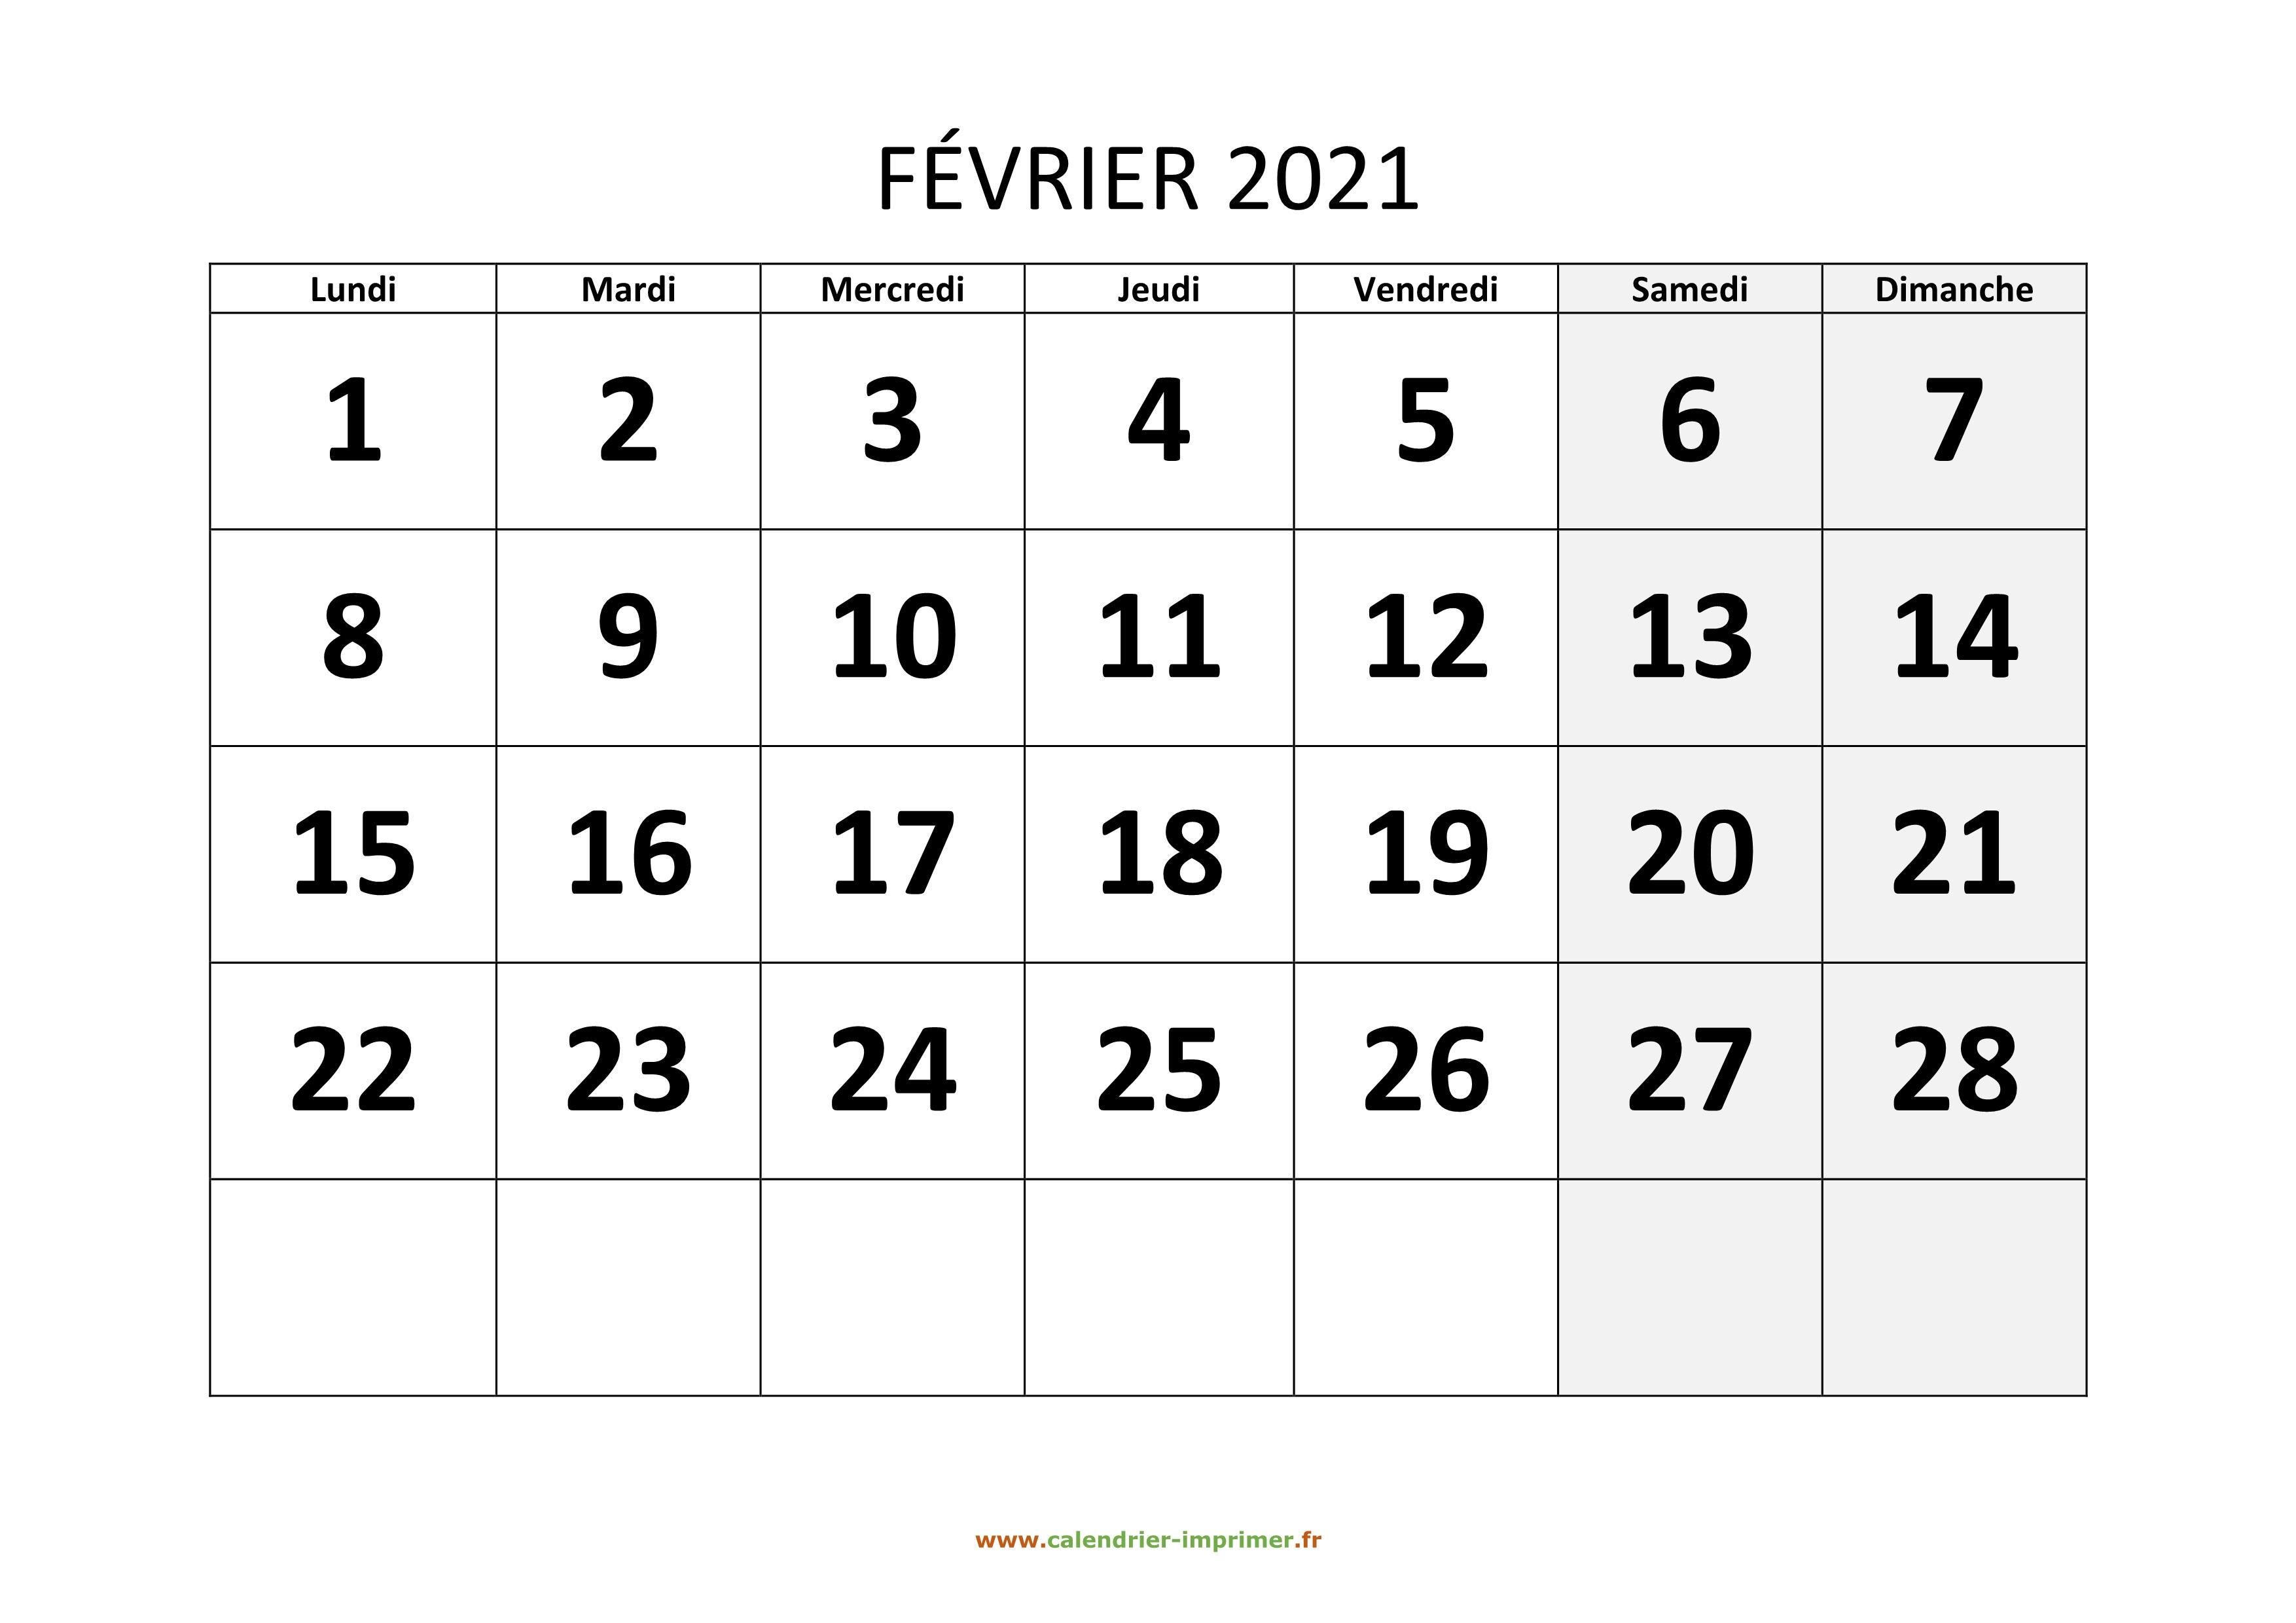 Calendrier Février 2021 à imprimer